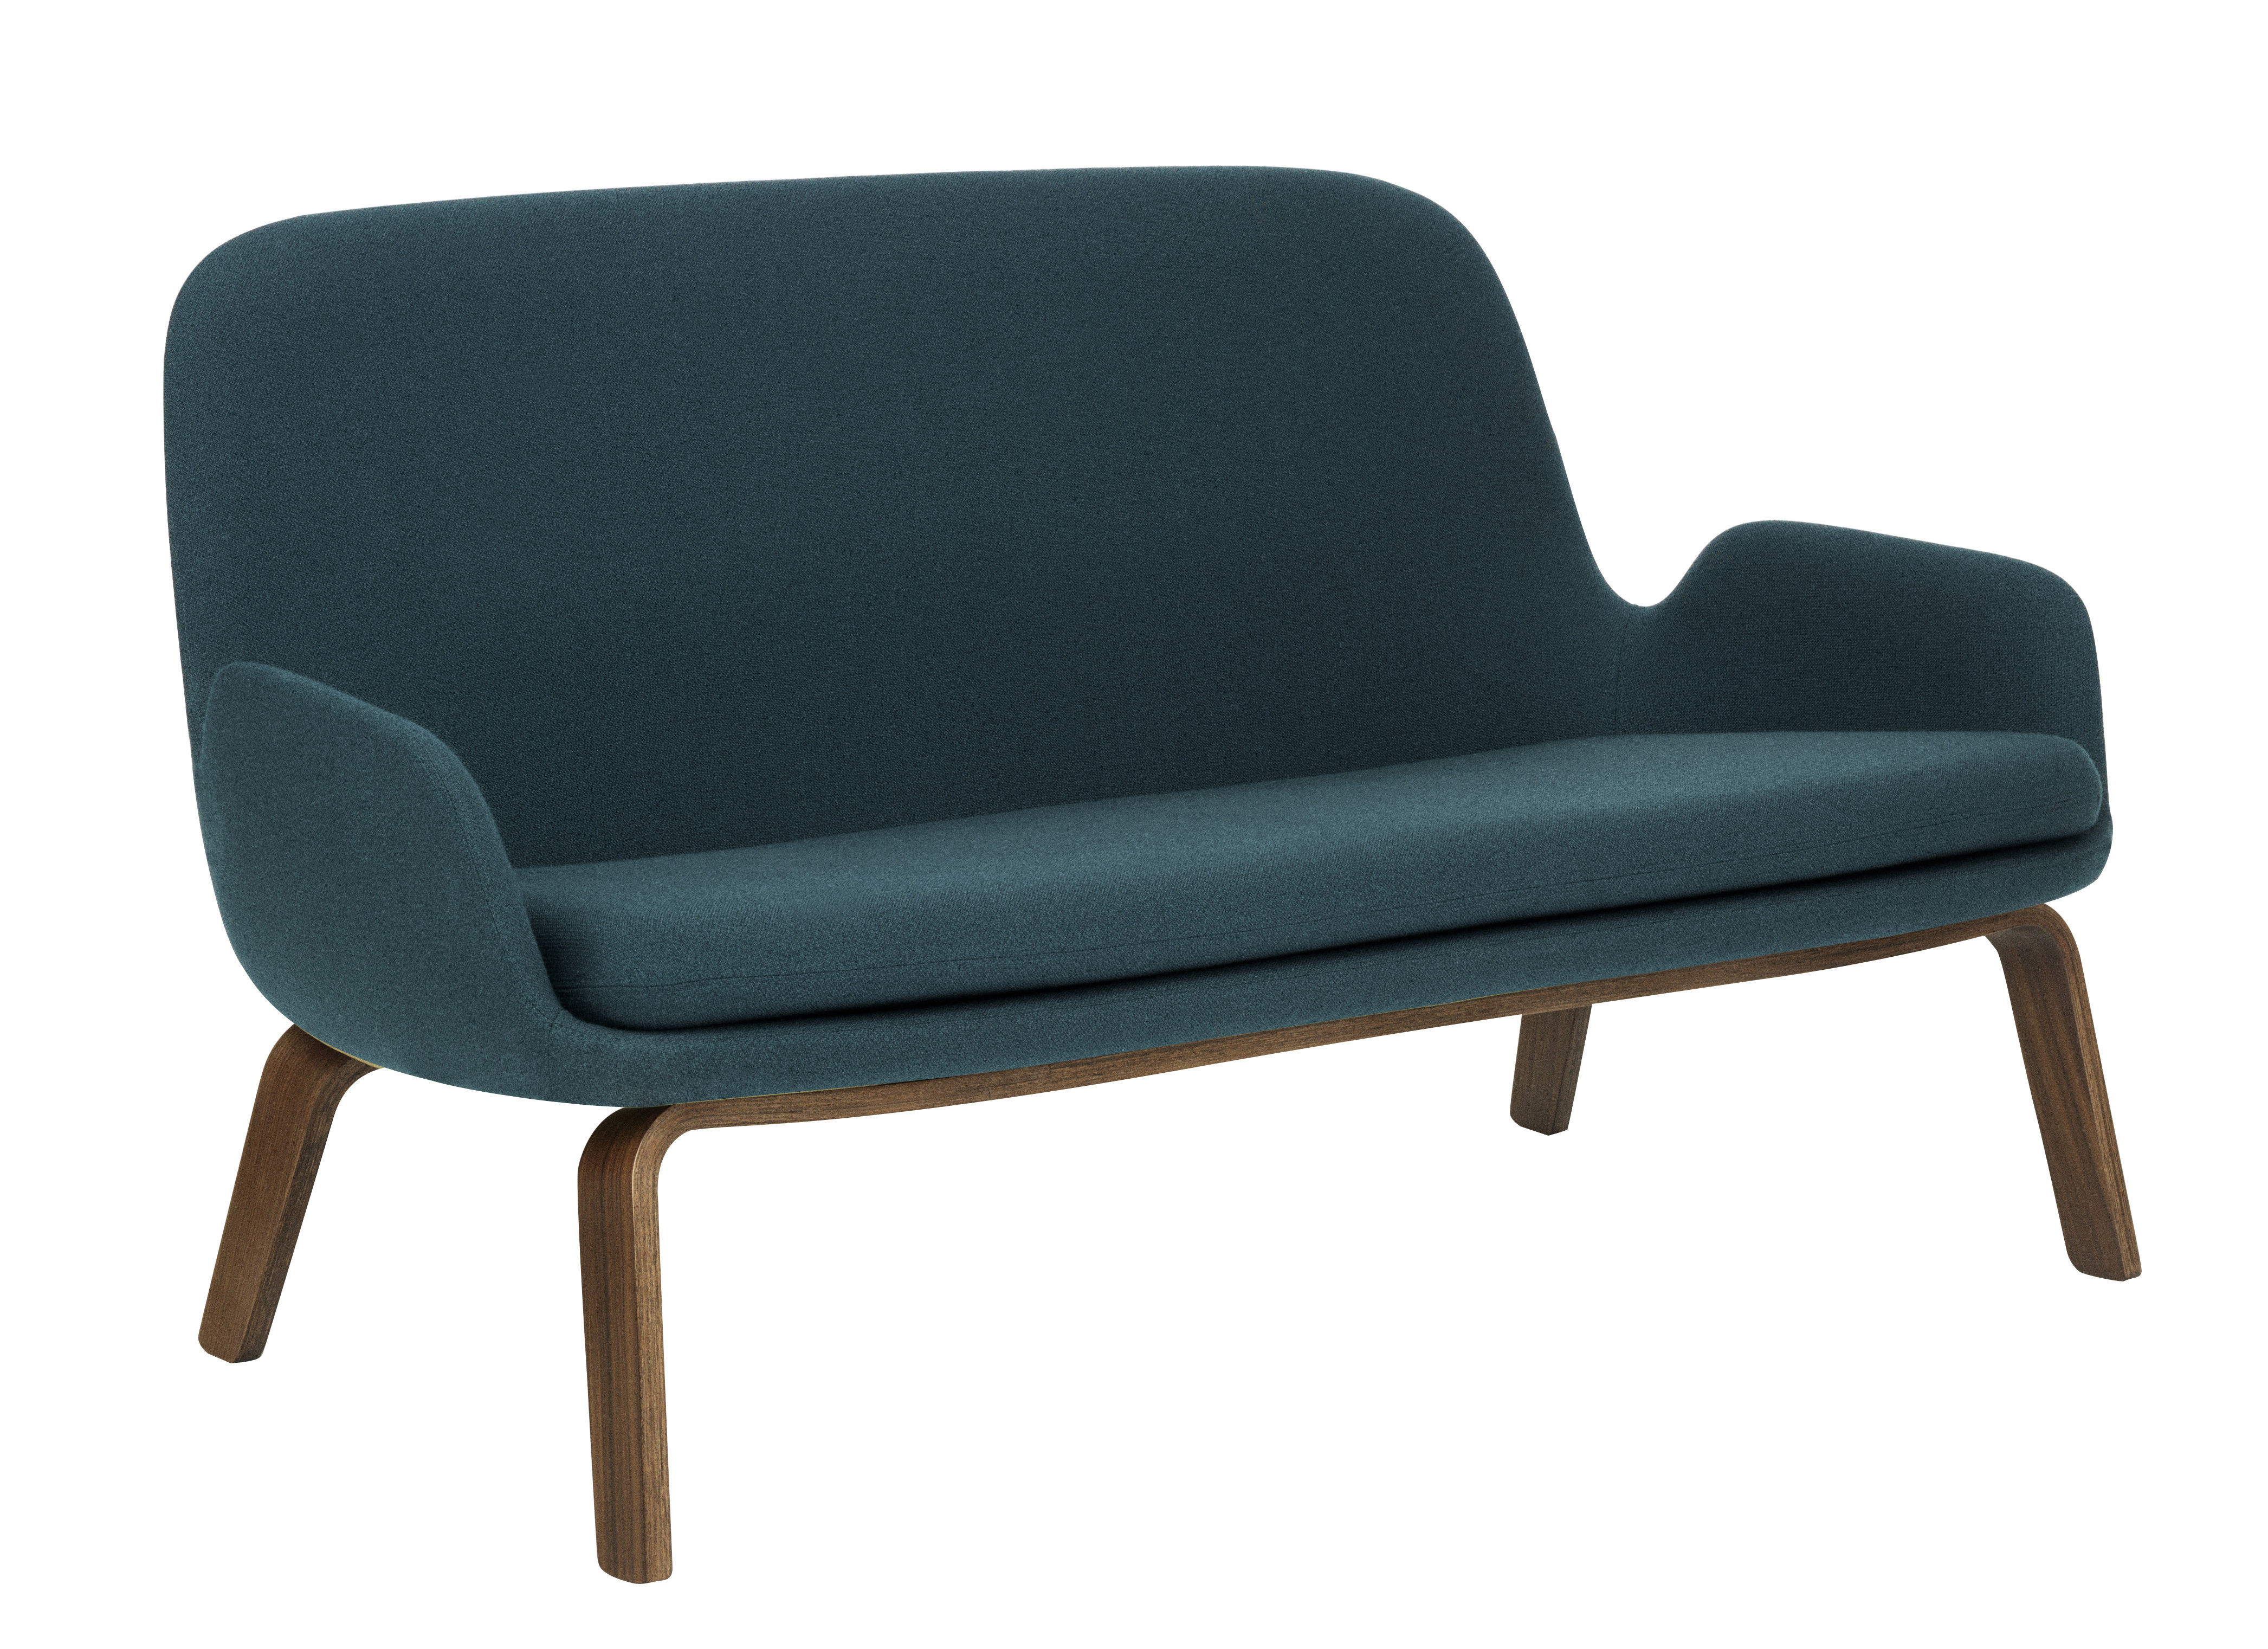 sofa era von normann copenhagen blau gr n made in design. Black Bedroom Furniture Sets. Home Design Ideas